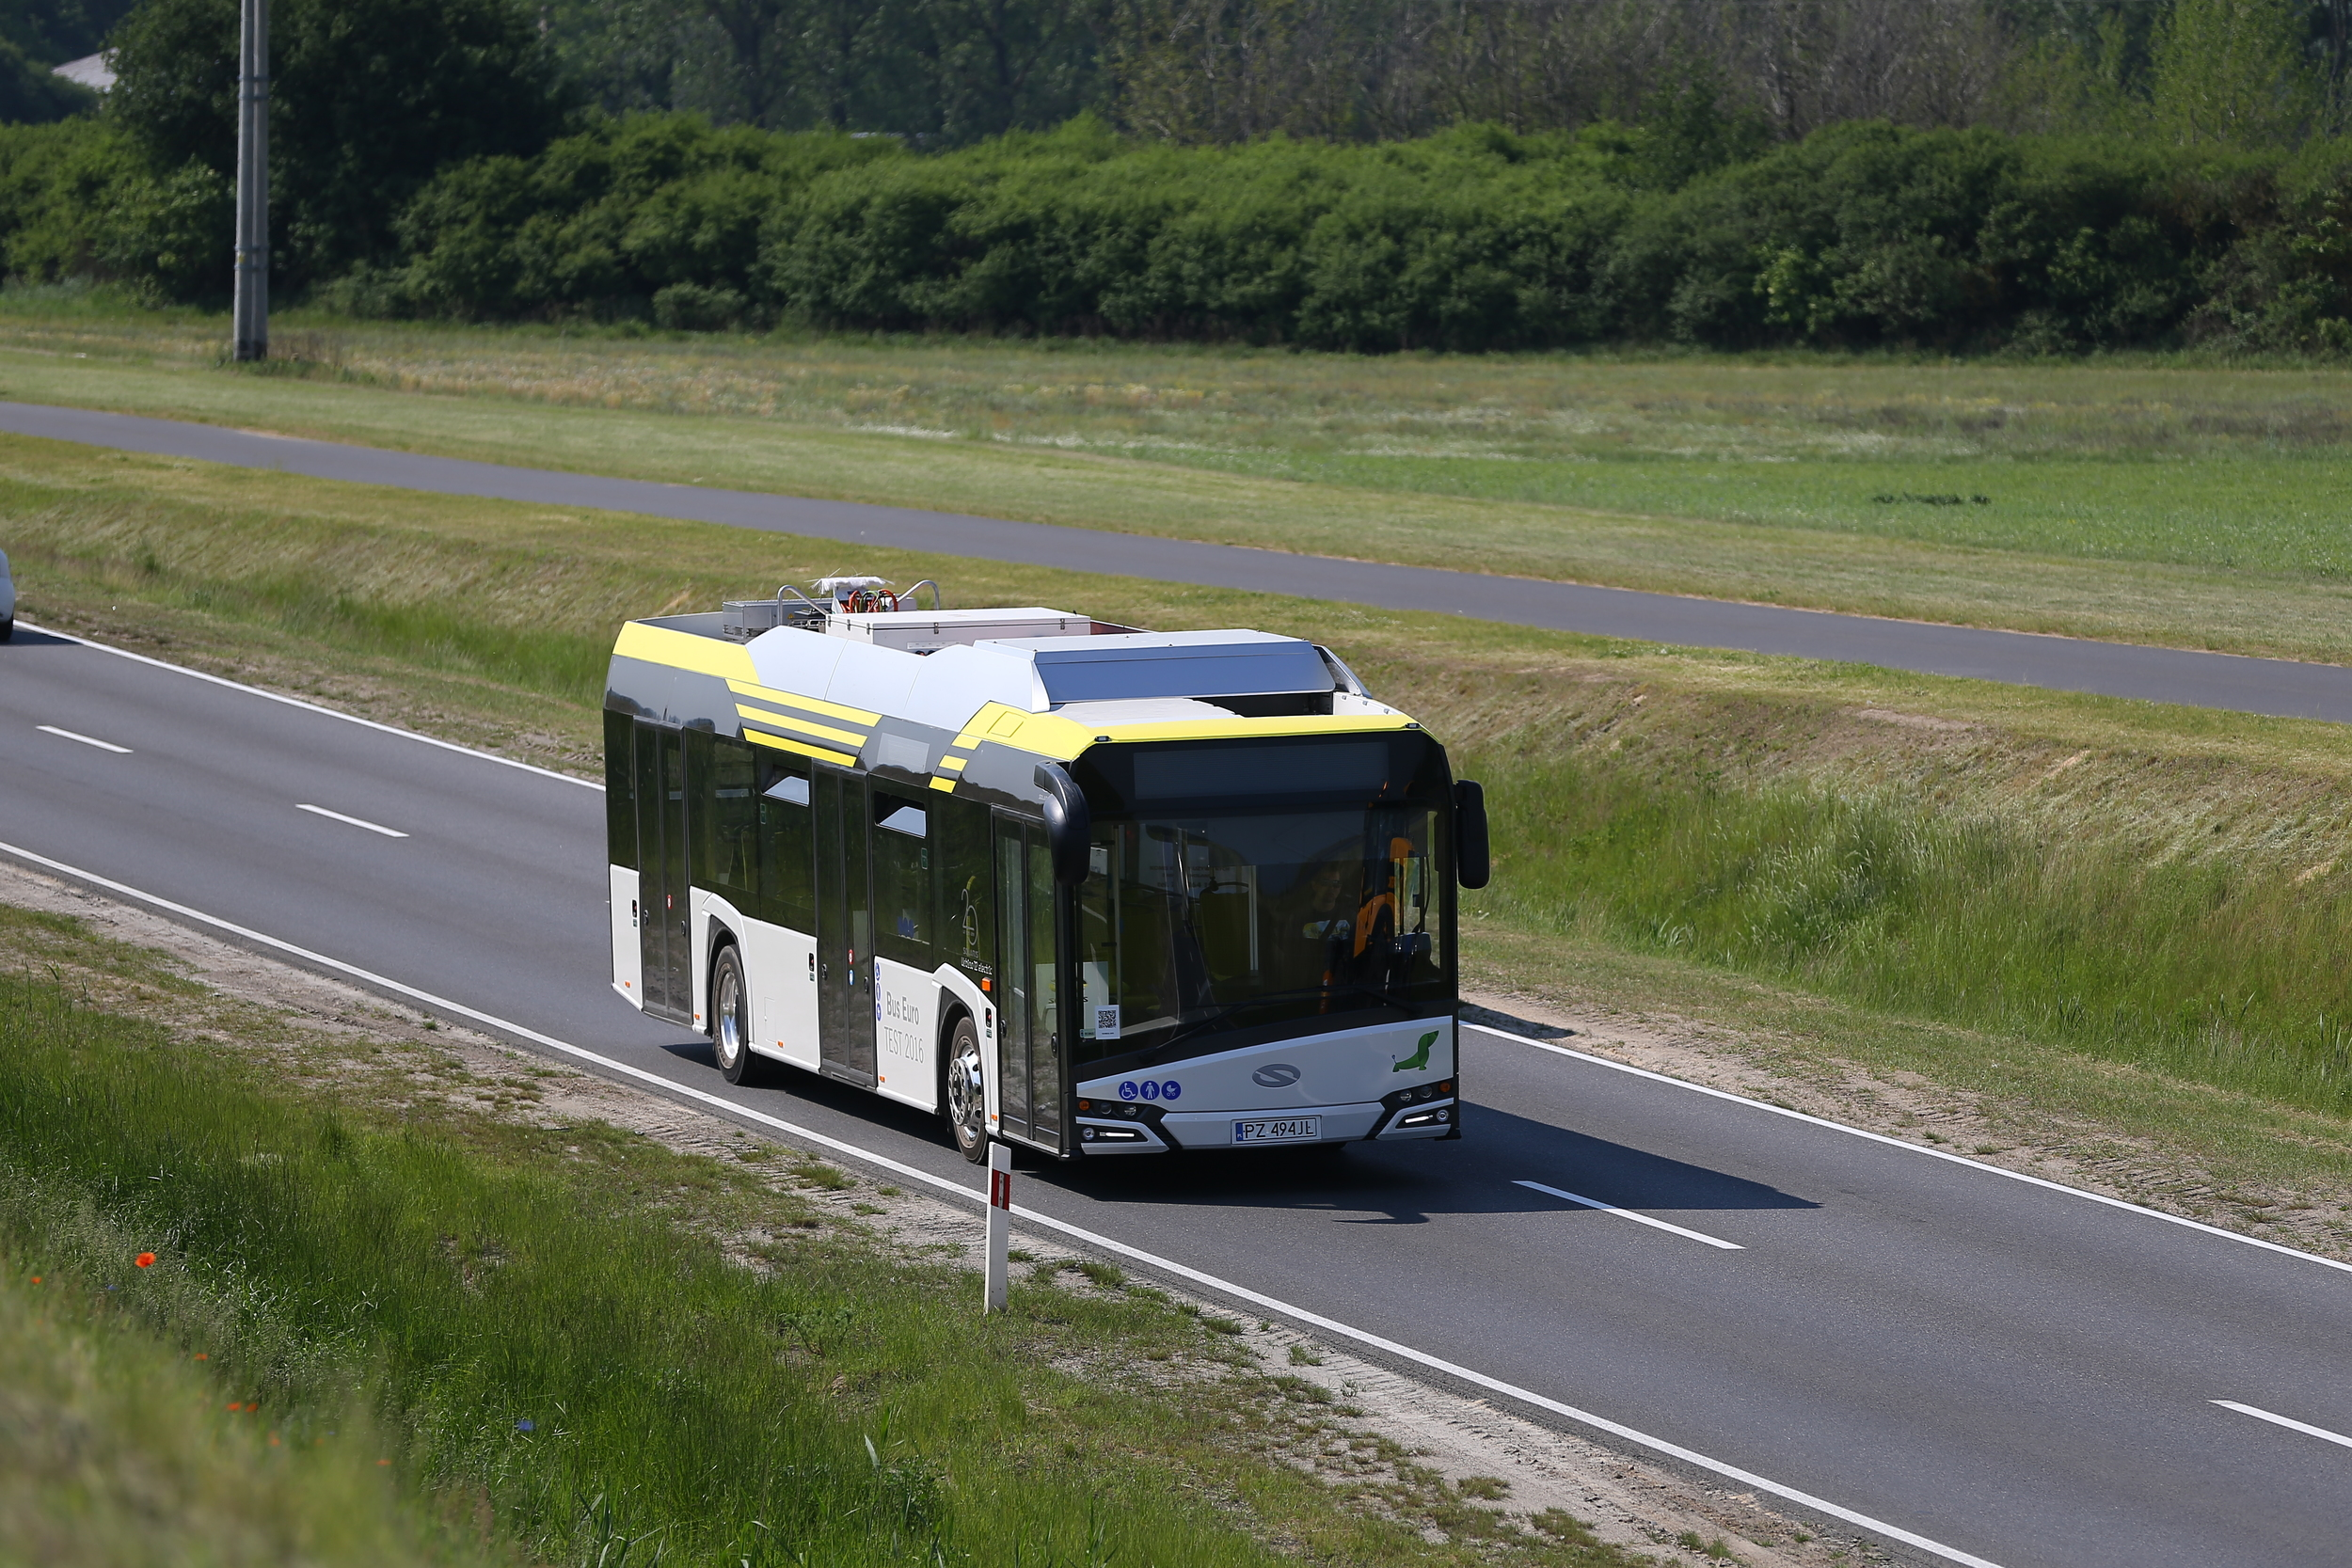 Polský Solaris se do boje o titul Bus of the Year zapojil po 12 letech. V Belgii vybírá porota nejlepší městský evropský autobus ve dnech 30. 5. až 3. 6. 2016. (foto: Solaris Bus & Coach)